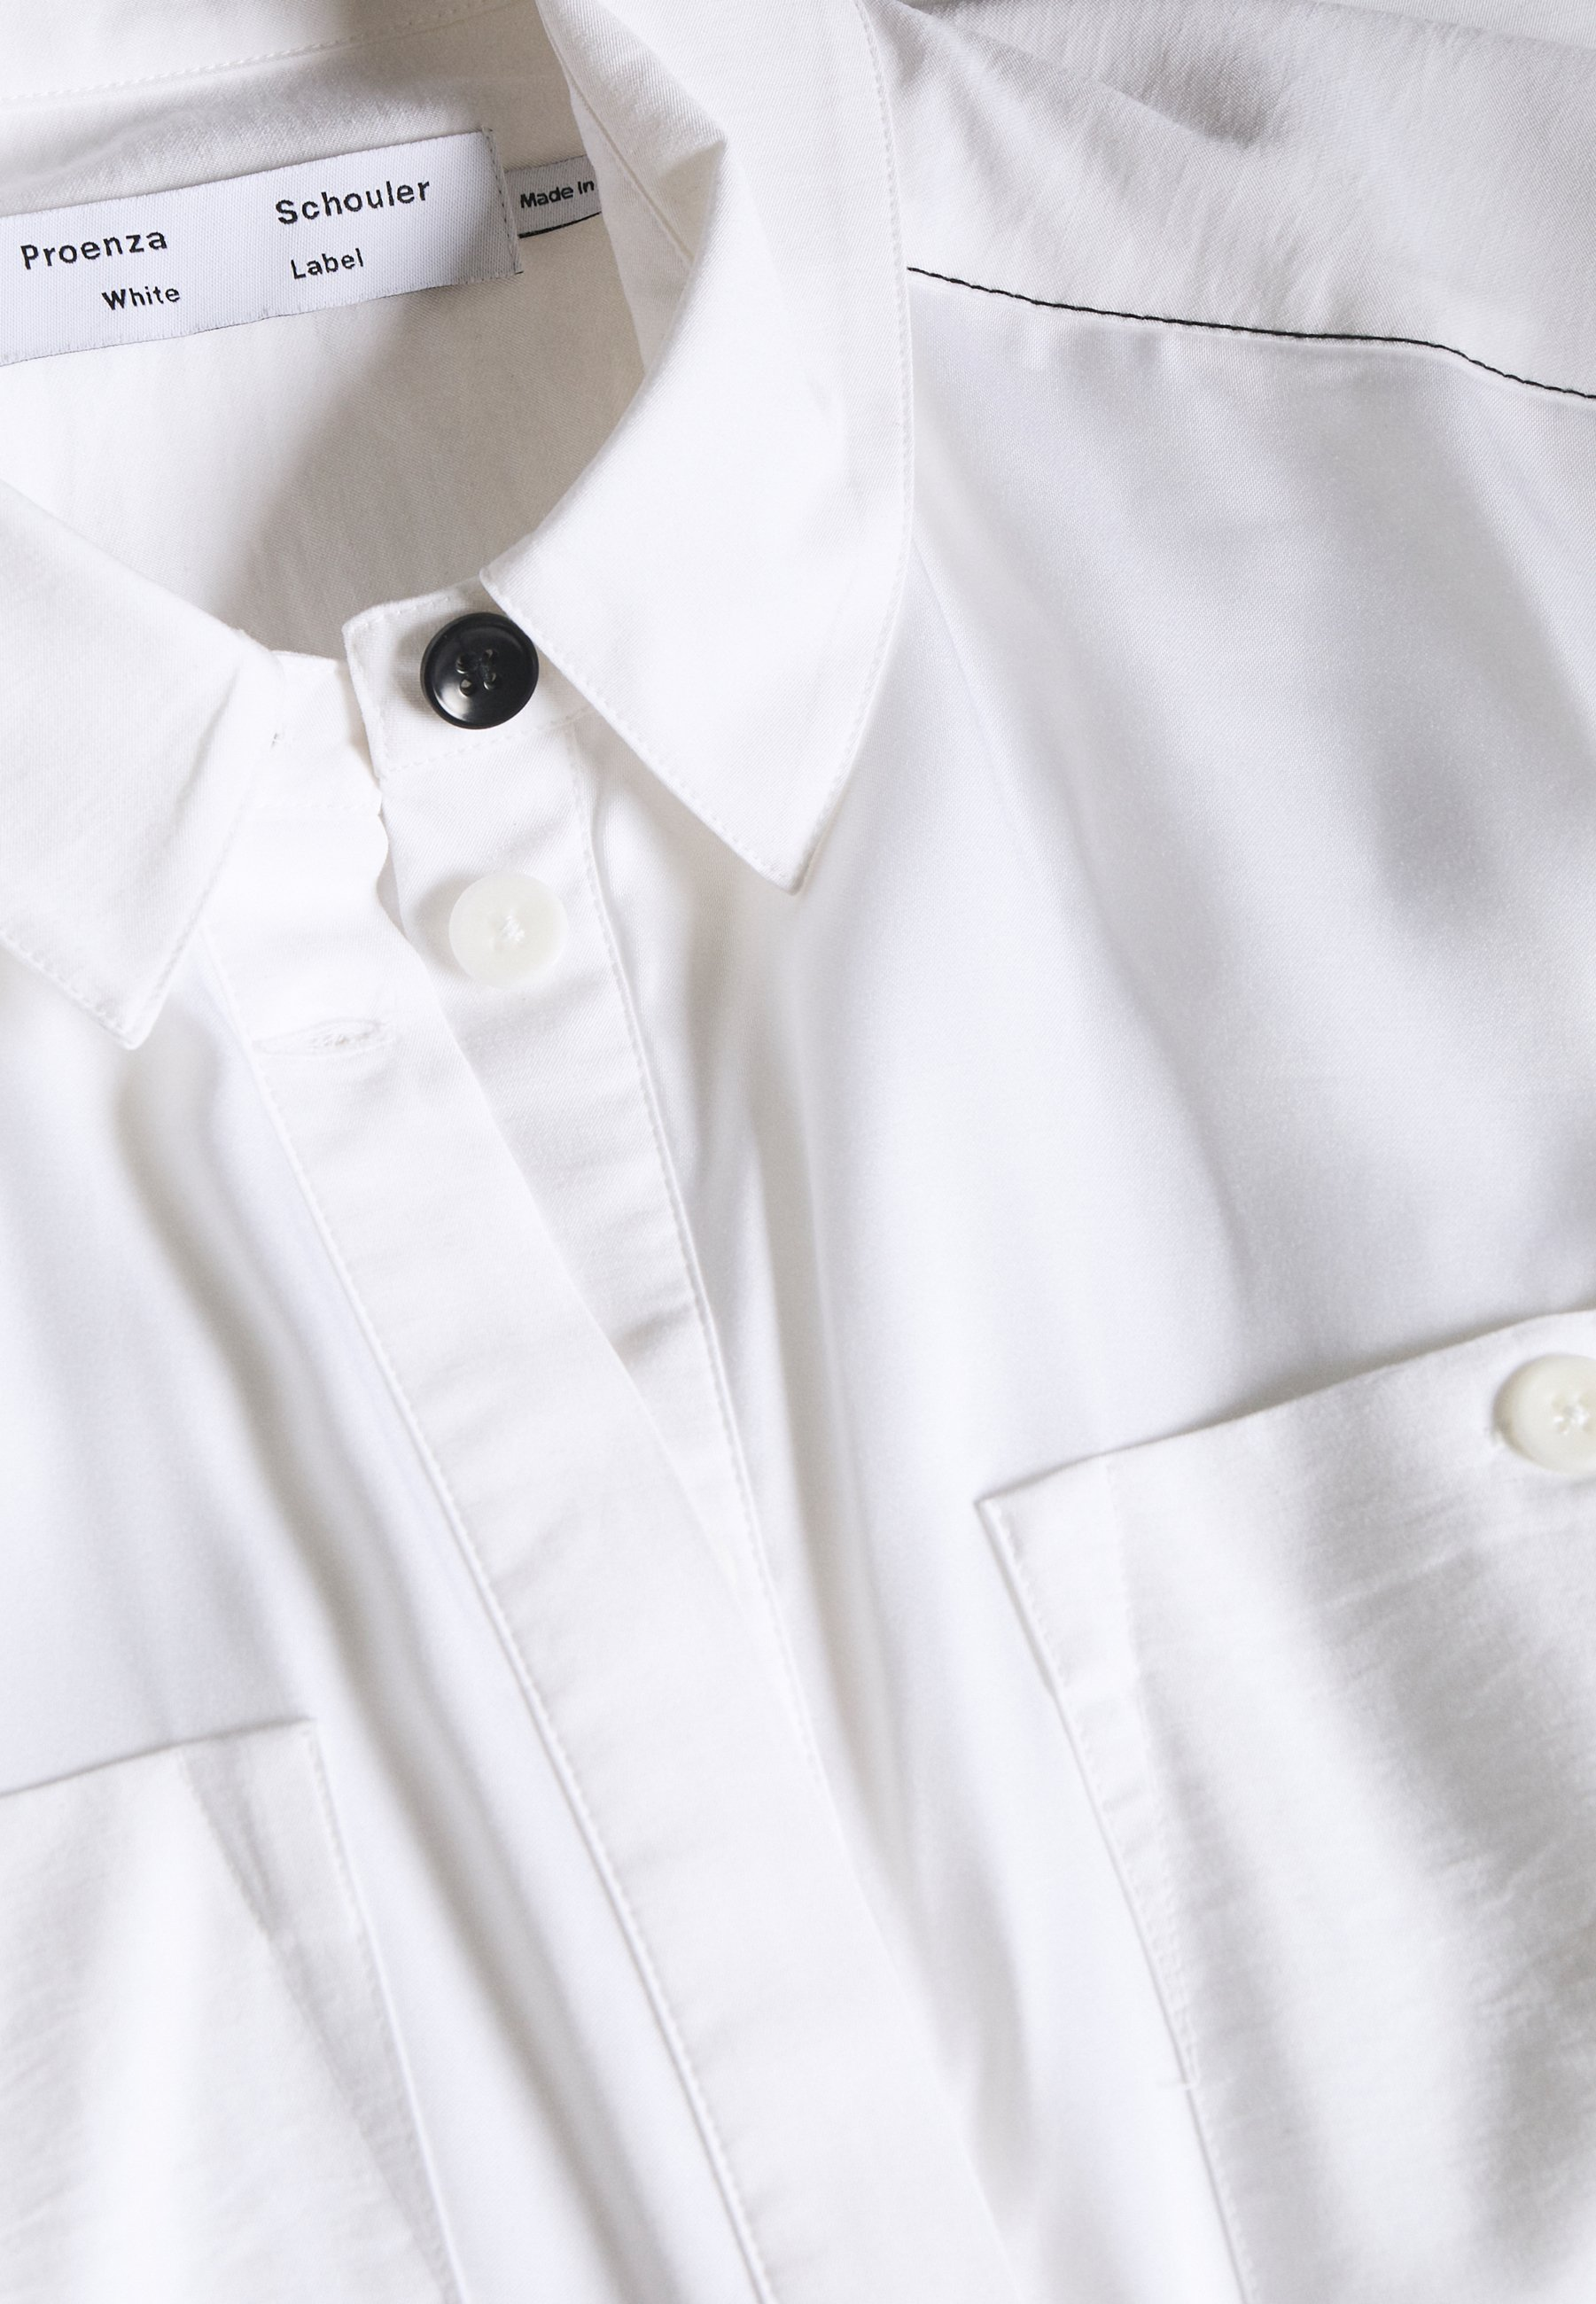 Proenza Schouler Dress - Shirt Optic White